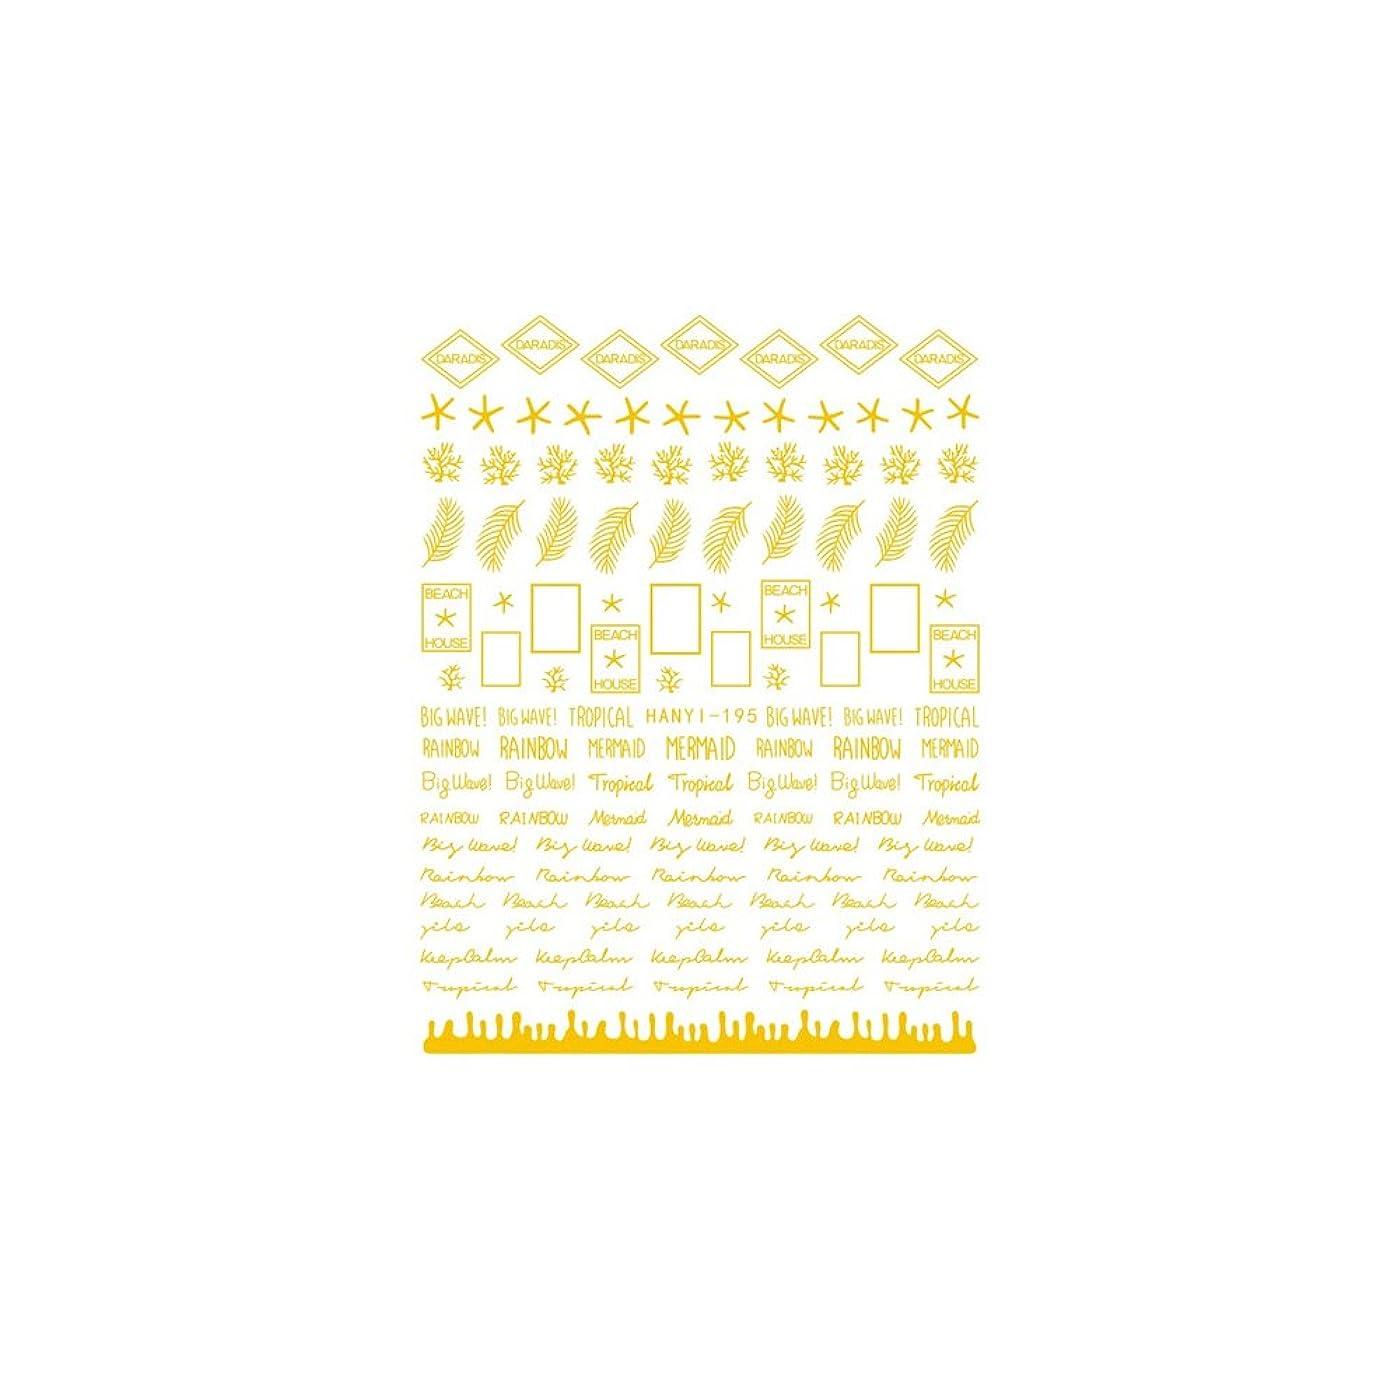 レビュー解体する楽しむirogel イロジェル ネイルシール ビーチ メッセージ ヒトデ サンゴ フレーム 【HANYI-195】